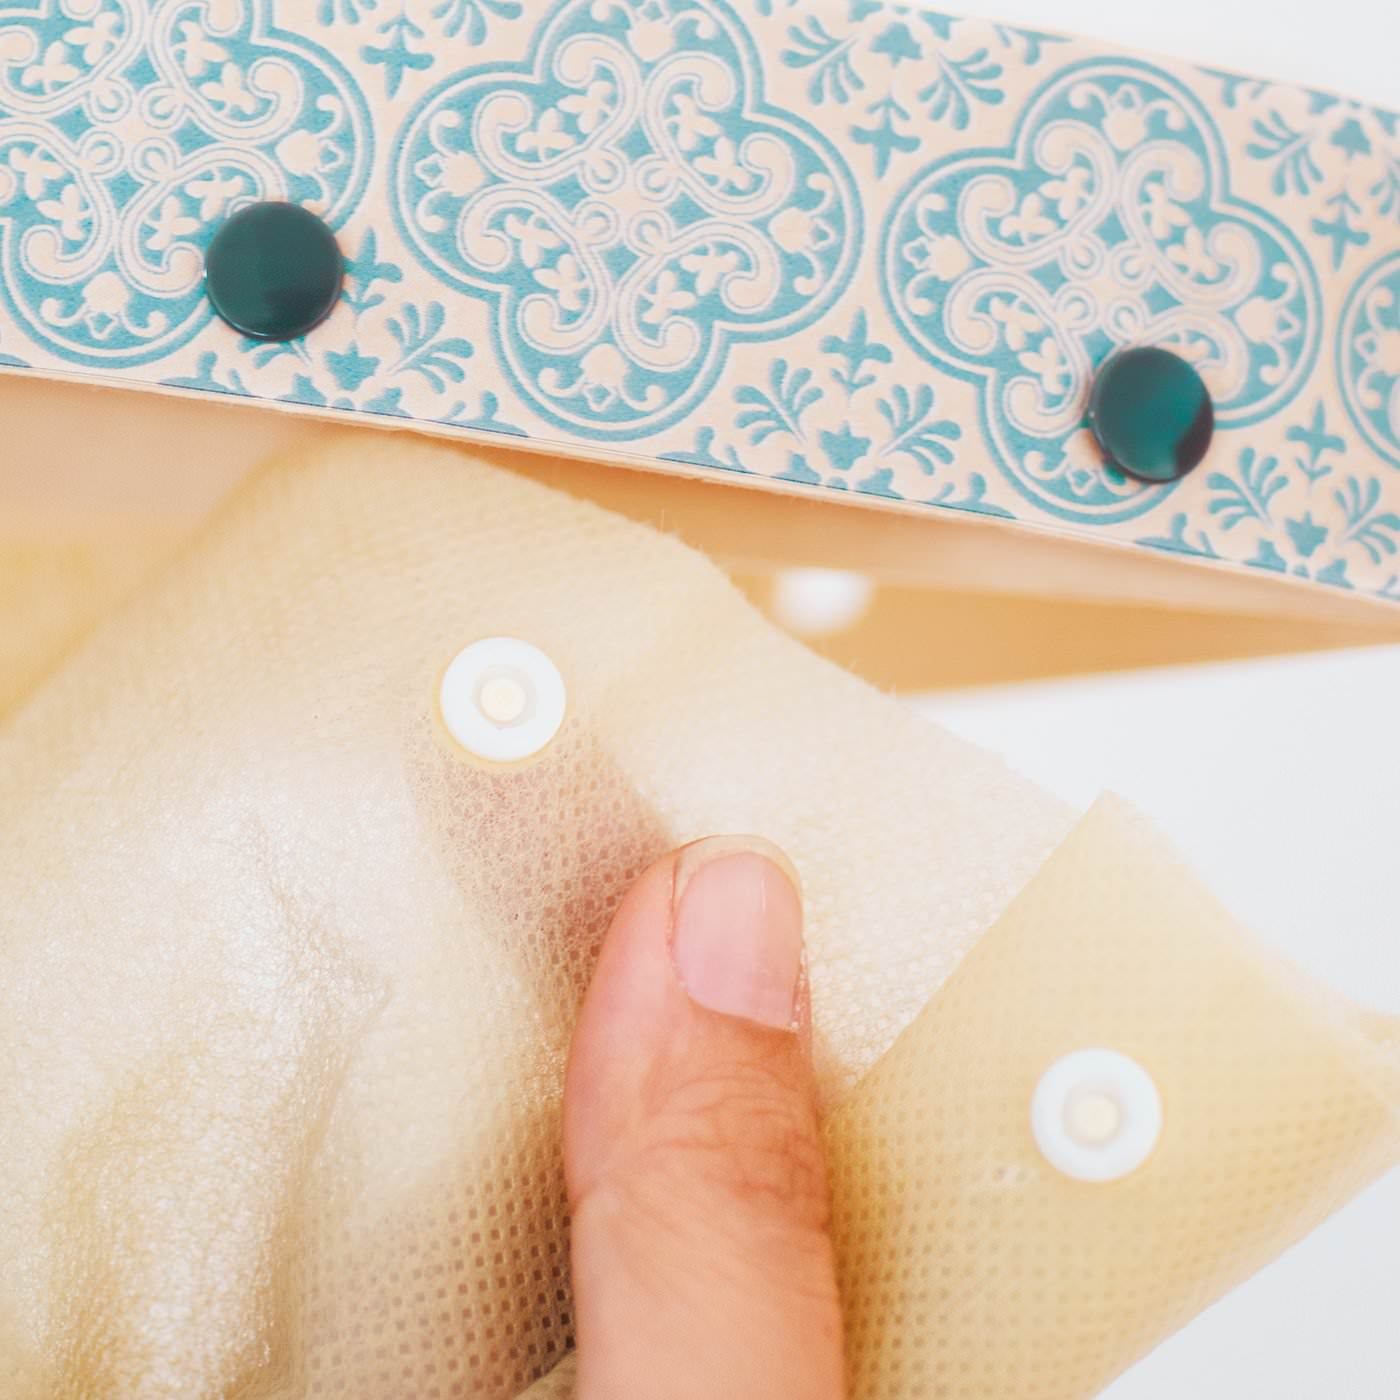 カーテンはボタンで取り外しができます。